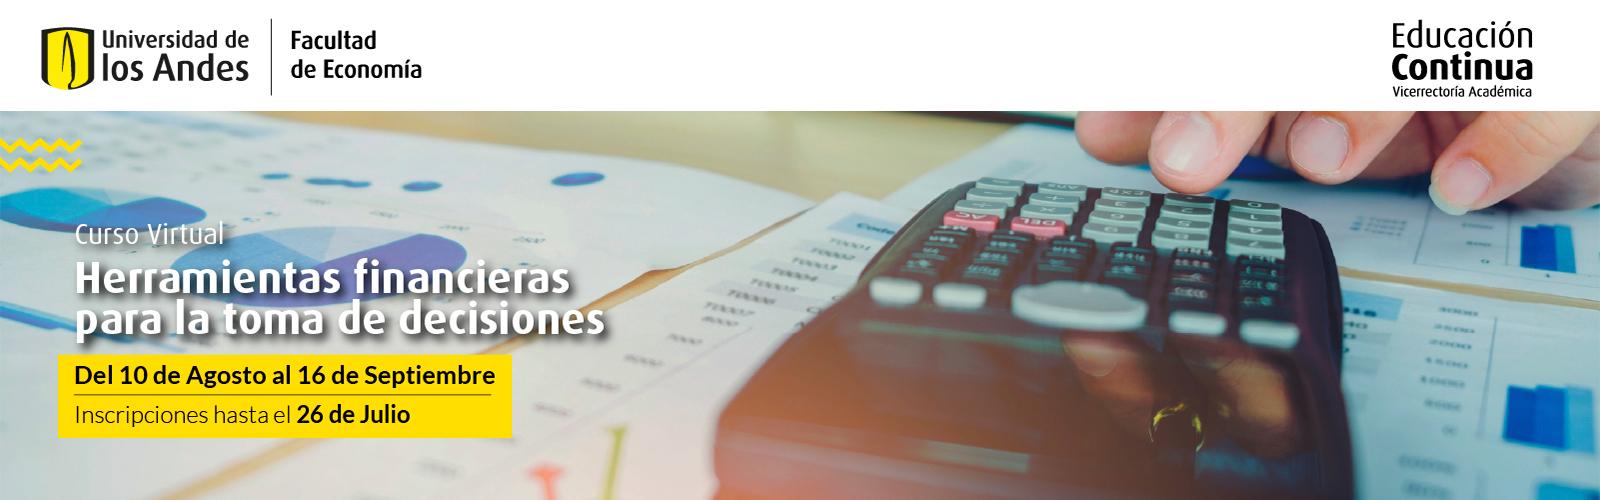 2021-Herramientas-financieras-para-la-toma-de-decisiones.jpg